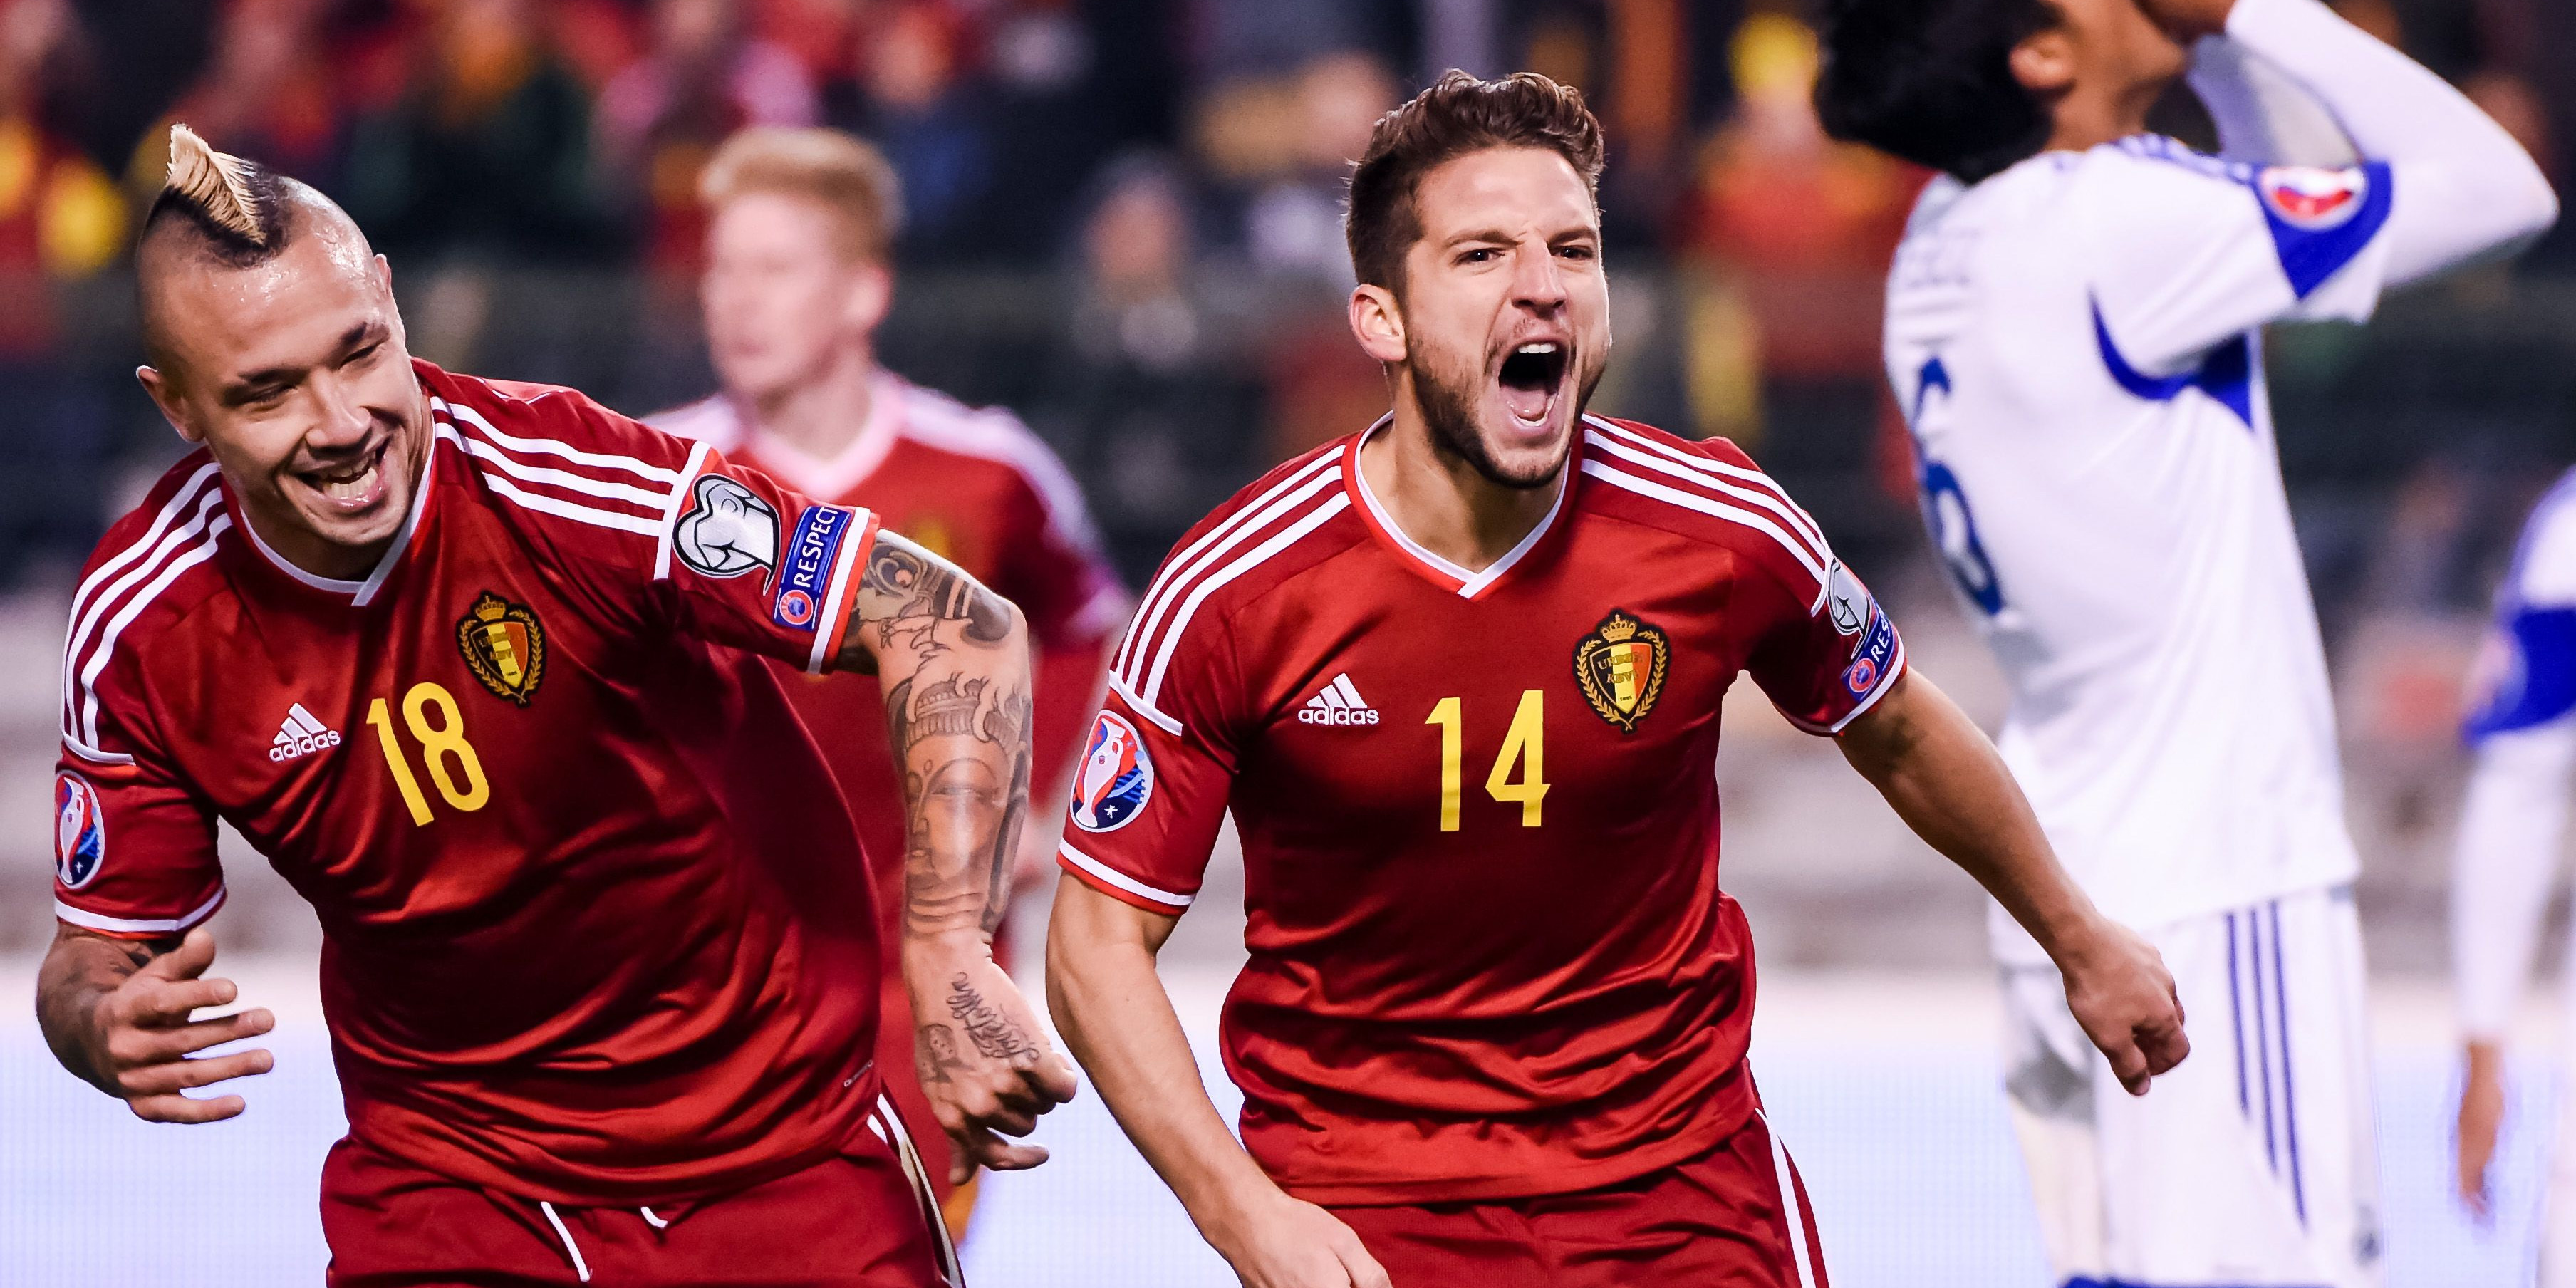 Euro 2016, analizziamo la rosa del Belgio (Gruppo E)